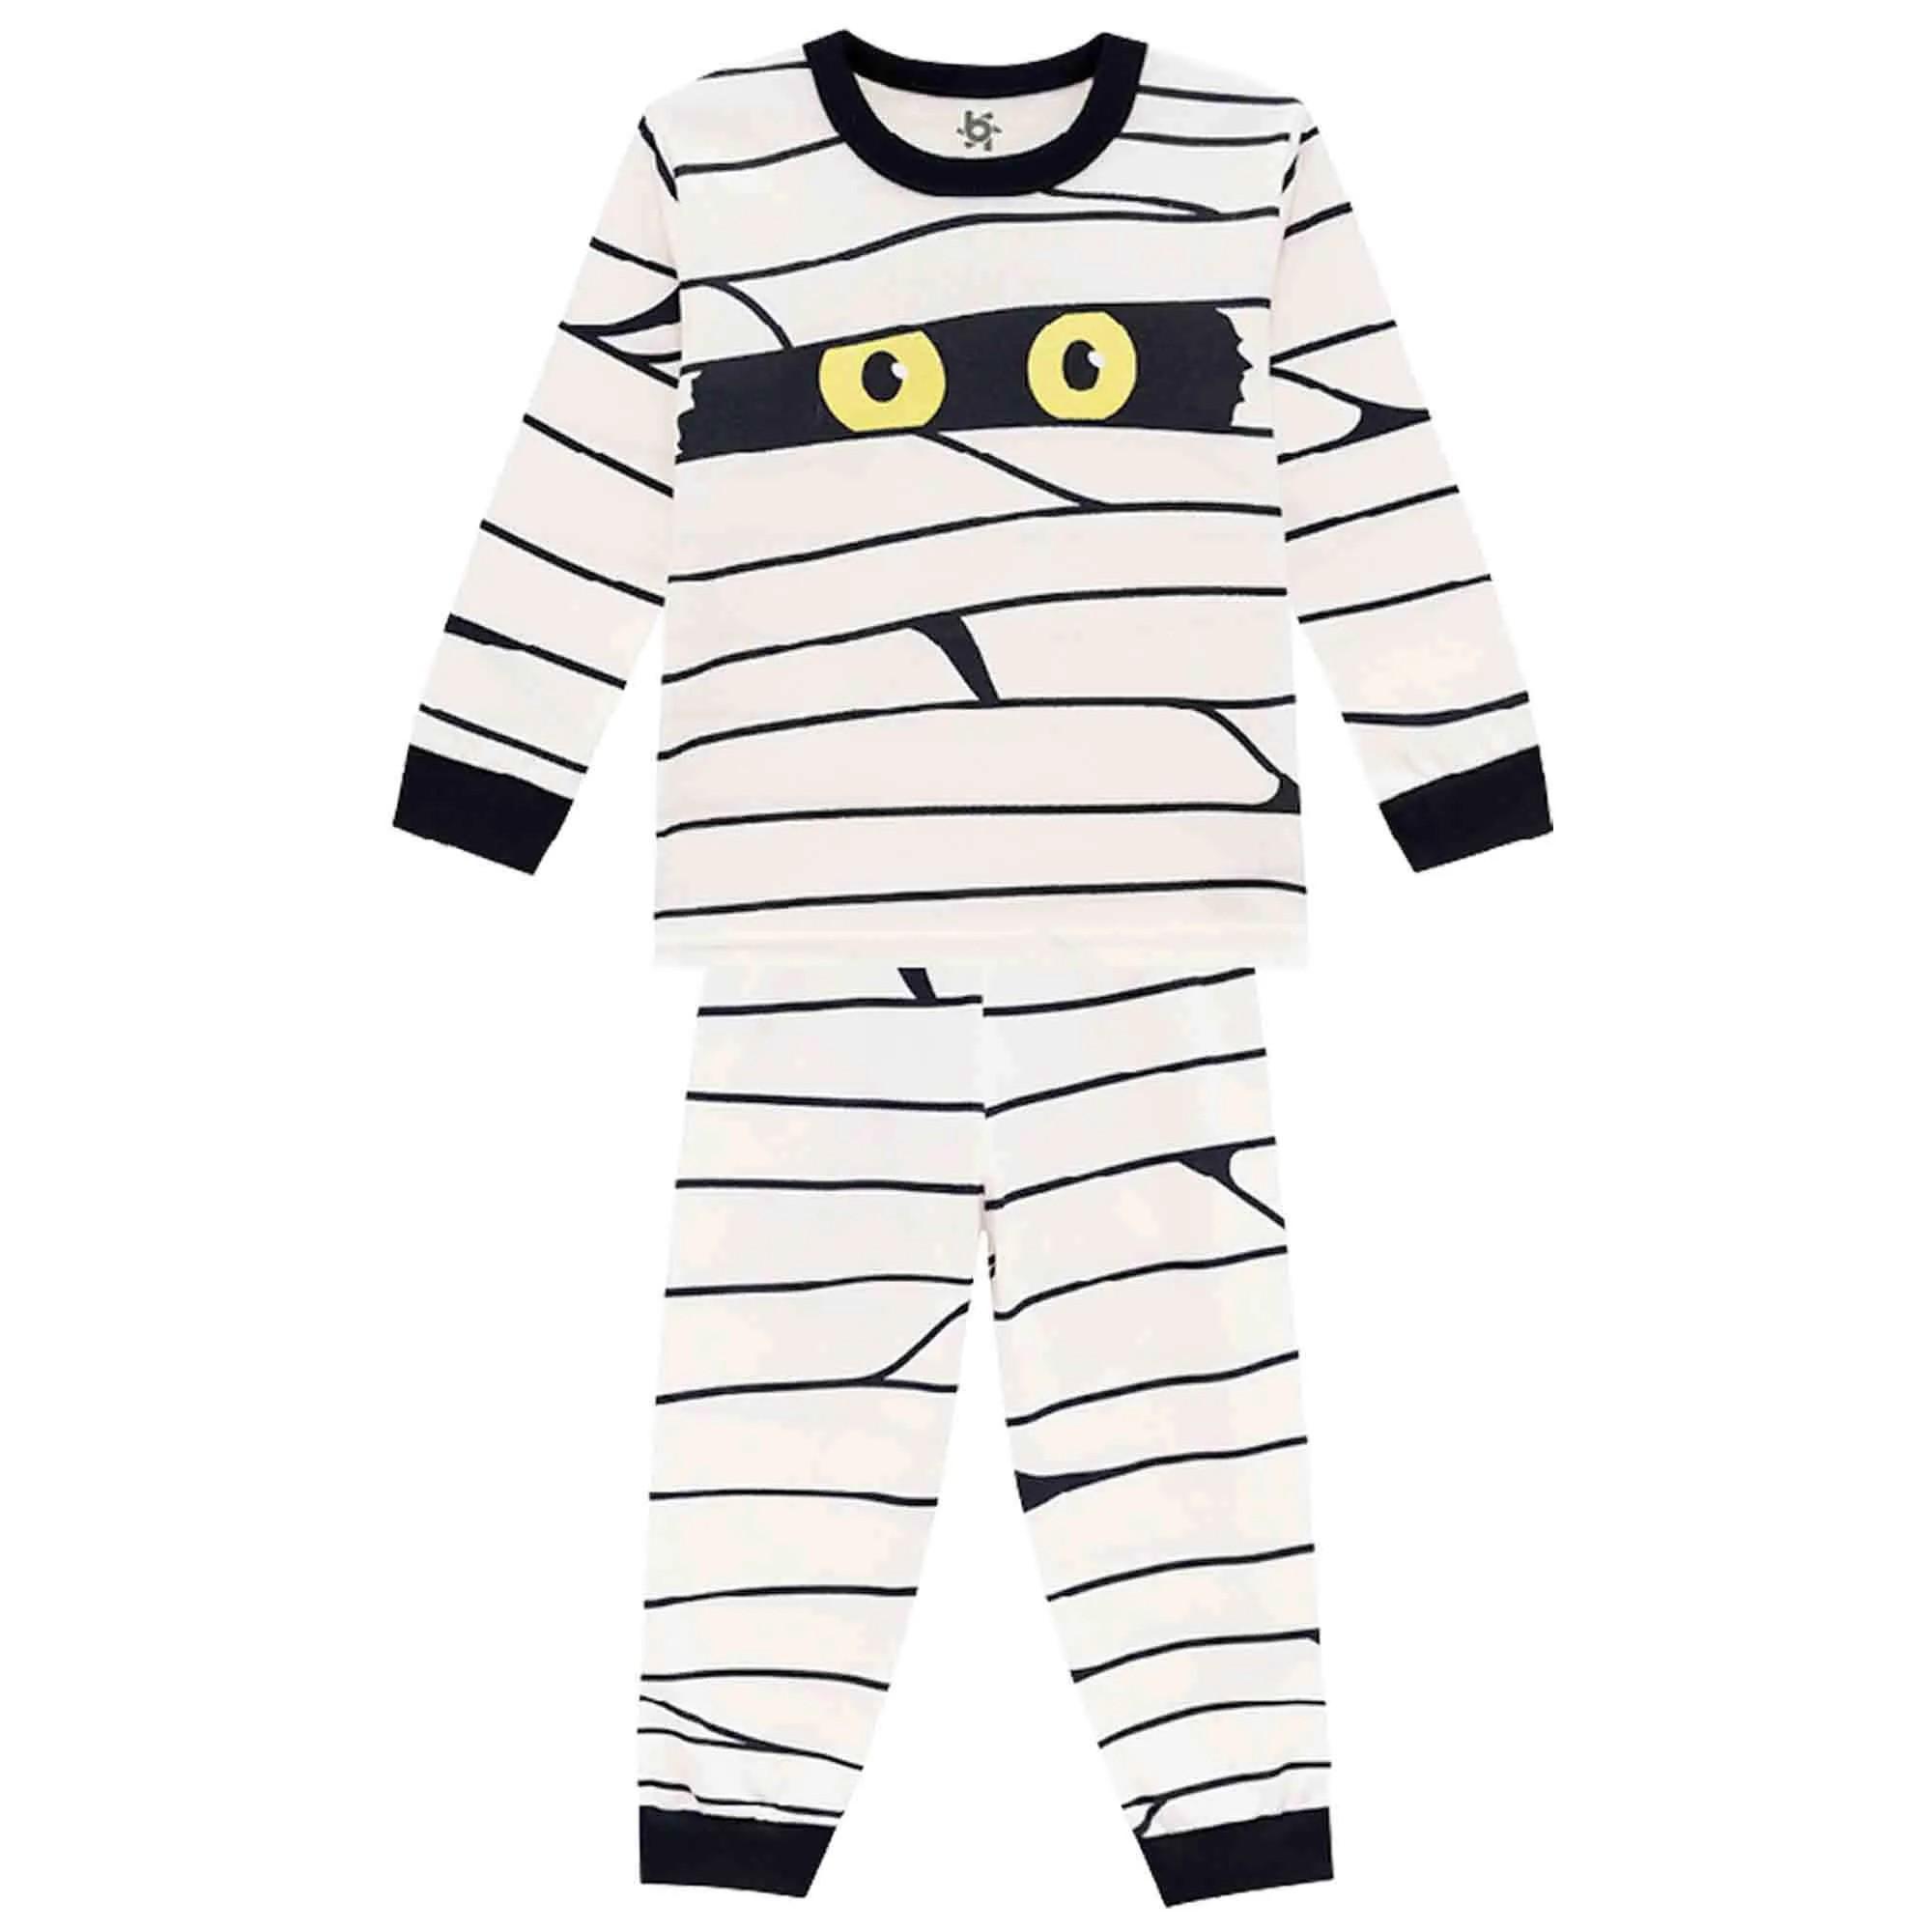 Pijama Inverno Brandili Camiseta e Calça - Brilha no Escuro - 1 ao 3